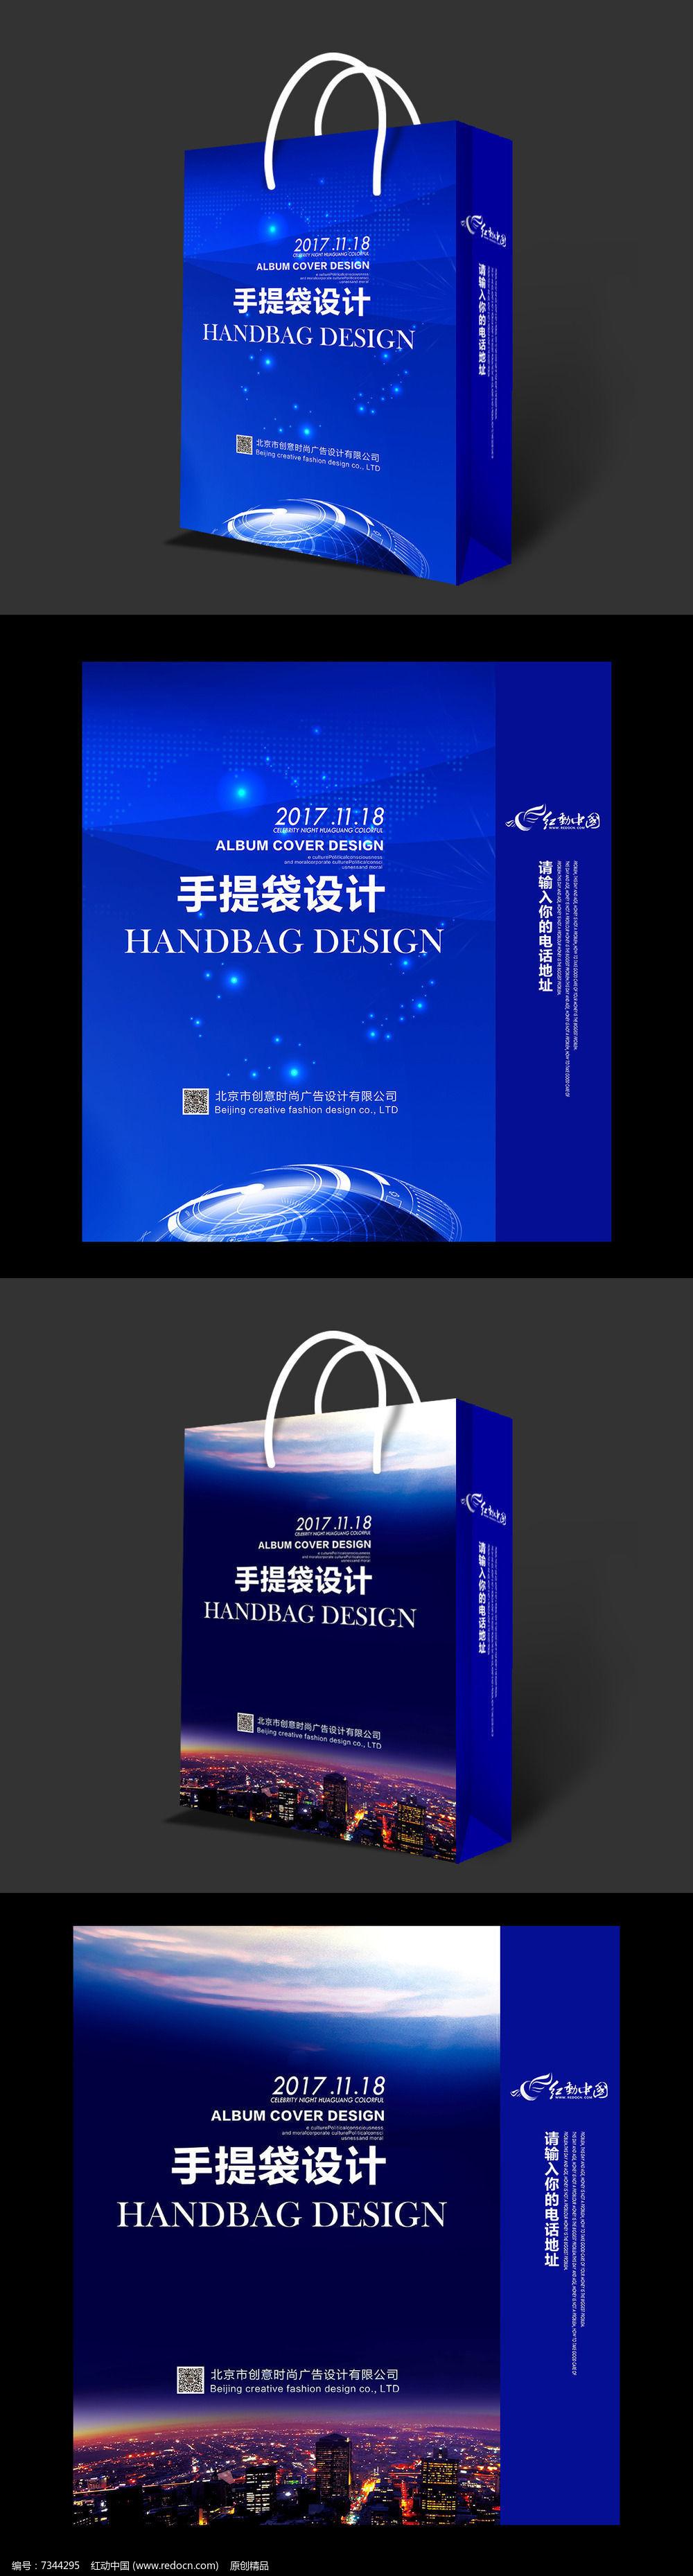 蓝色全球科技会议手提袋设计